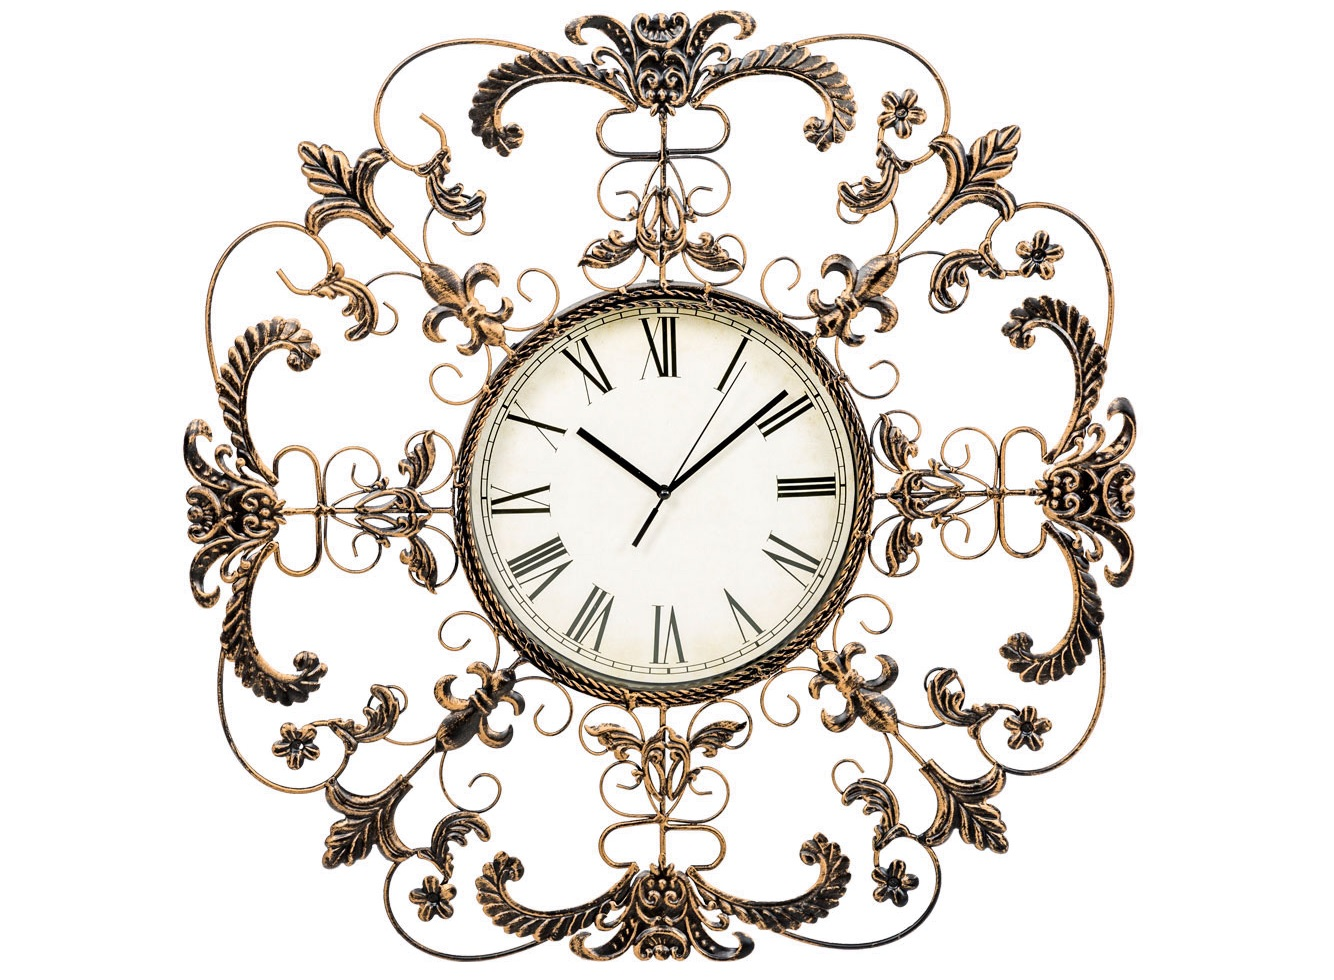 Настенные часы ЭвианНастенные часы<br>Часы &amp;quot;Эвиан&amp;quot; - щедрый дизайн, сочетающий практическую функцию часов с художественным потенциалом настенного панно. Дворцовый классицизм, предпочитающий растительные орнаменты, как правило, органичен любым интерьерным формулам. Дизайн, избравший прототипом природную форму цветка, обаятелен и романтичен. Рациональный размер адресует часы &amp;quot;Эвиан&amp;quot; большинству домашних помещений: гостиной, спальне, столовой, холлу, прихожей, детской комнате.&amp;lt;div&amp;gt;&amp;lt;br&amp;gt;&amp;lt;/div&amp;gt;&amp;lt;div&amp;gt;&amp;lt;div&amp;gt;Тип батарейки: LR14 C 1,5 В.&amp;lt;/div&amp;gt;&amp;lt;div&amp;gt;Необходимое количество батареек: 1 шт.&amp;lt;br&amp;gt;&amp;lt;/div&amp;gt;&amp;lt;div&amp;gt;Батарейка в комплект не входит.&amp;lt;/div&amp;gt;&amp;lt;/div&amp;gt;<br><br>Material: Металл<br>Width см: 60<br>Depth см: 3<br>Height см: 60